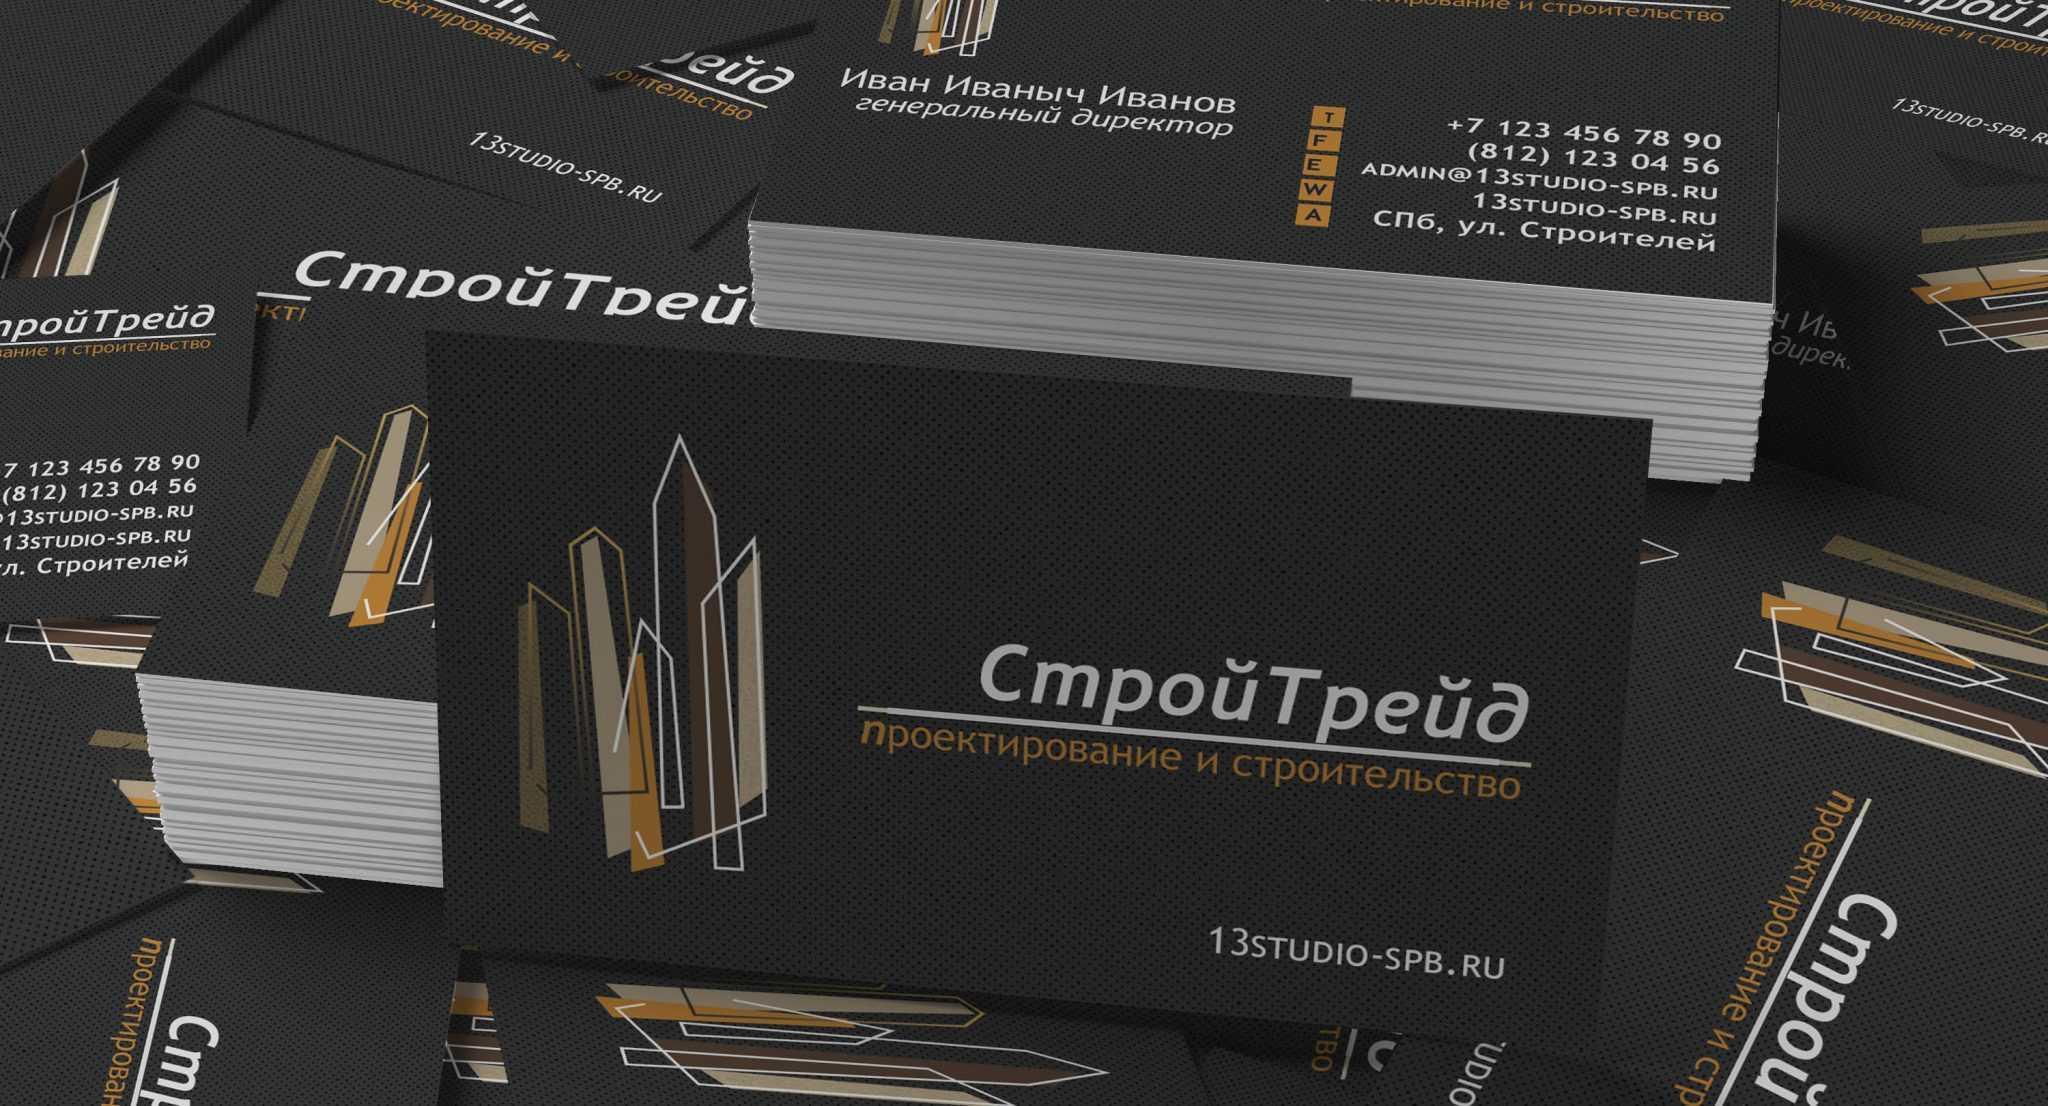 Дизайн визиток строительной фирмы